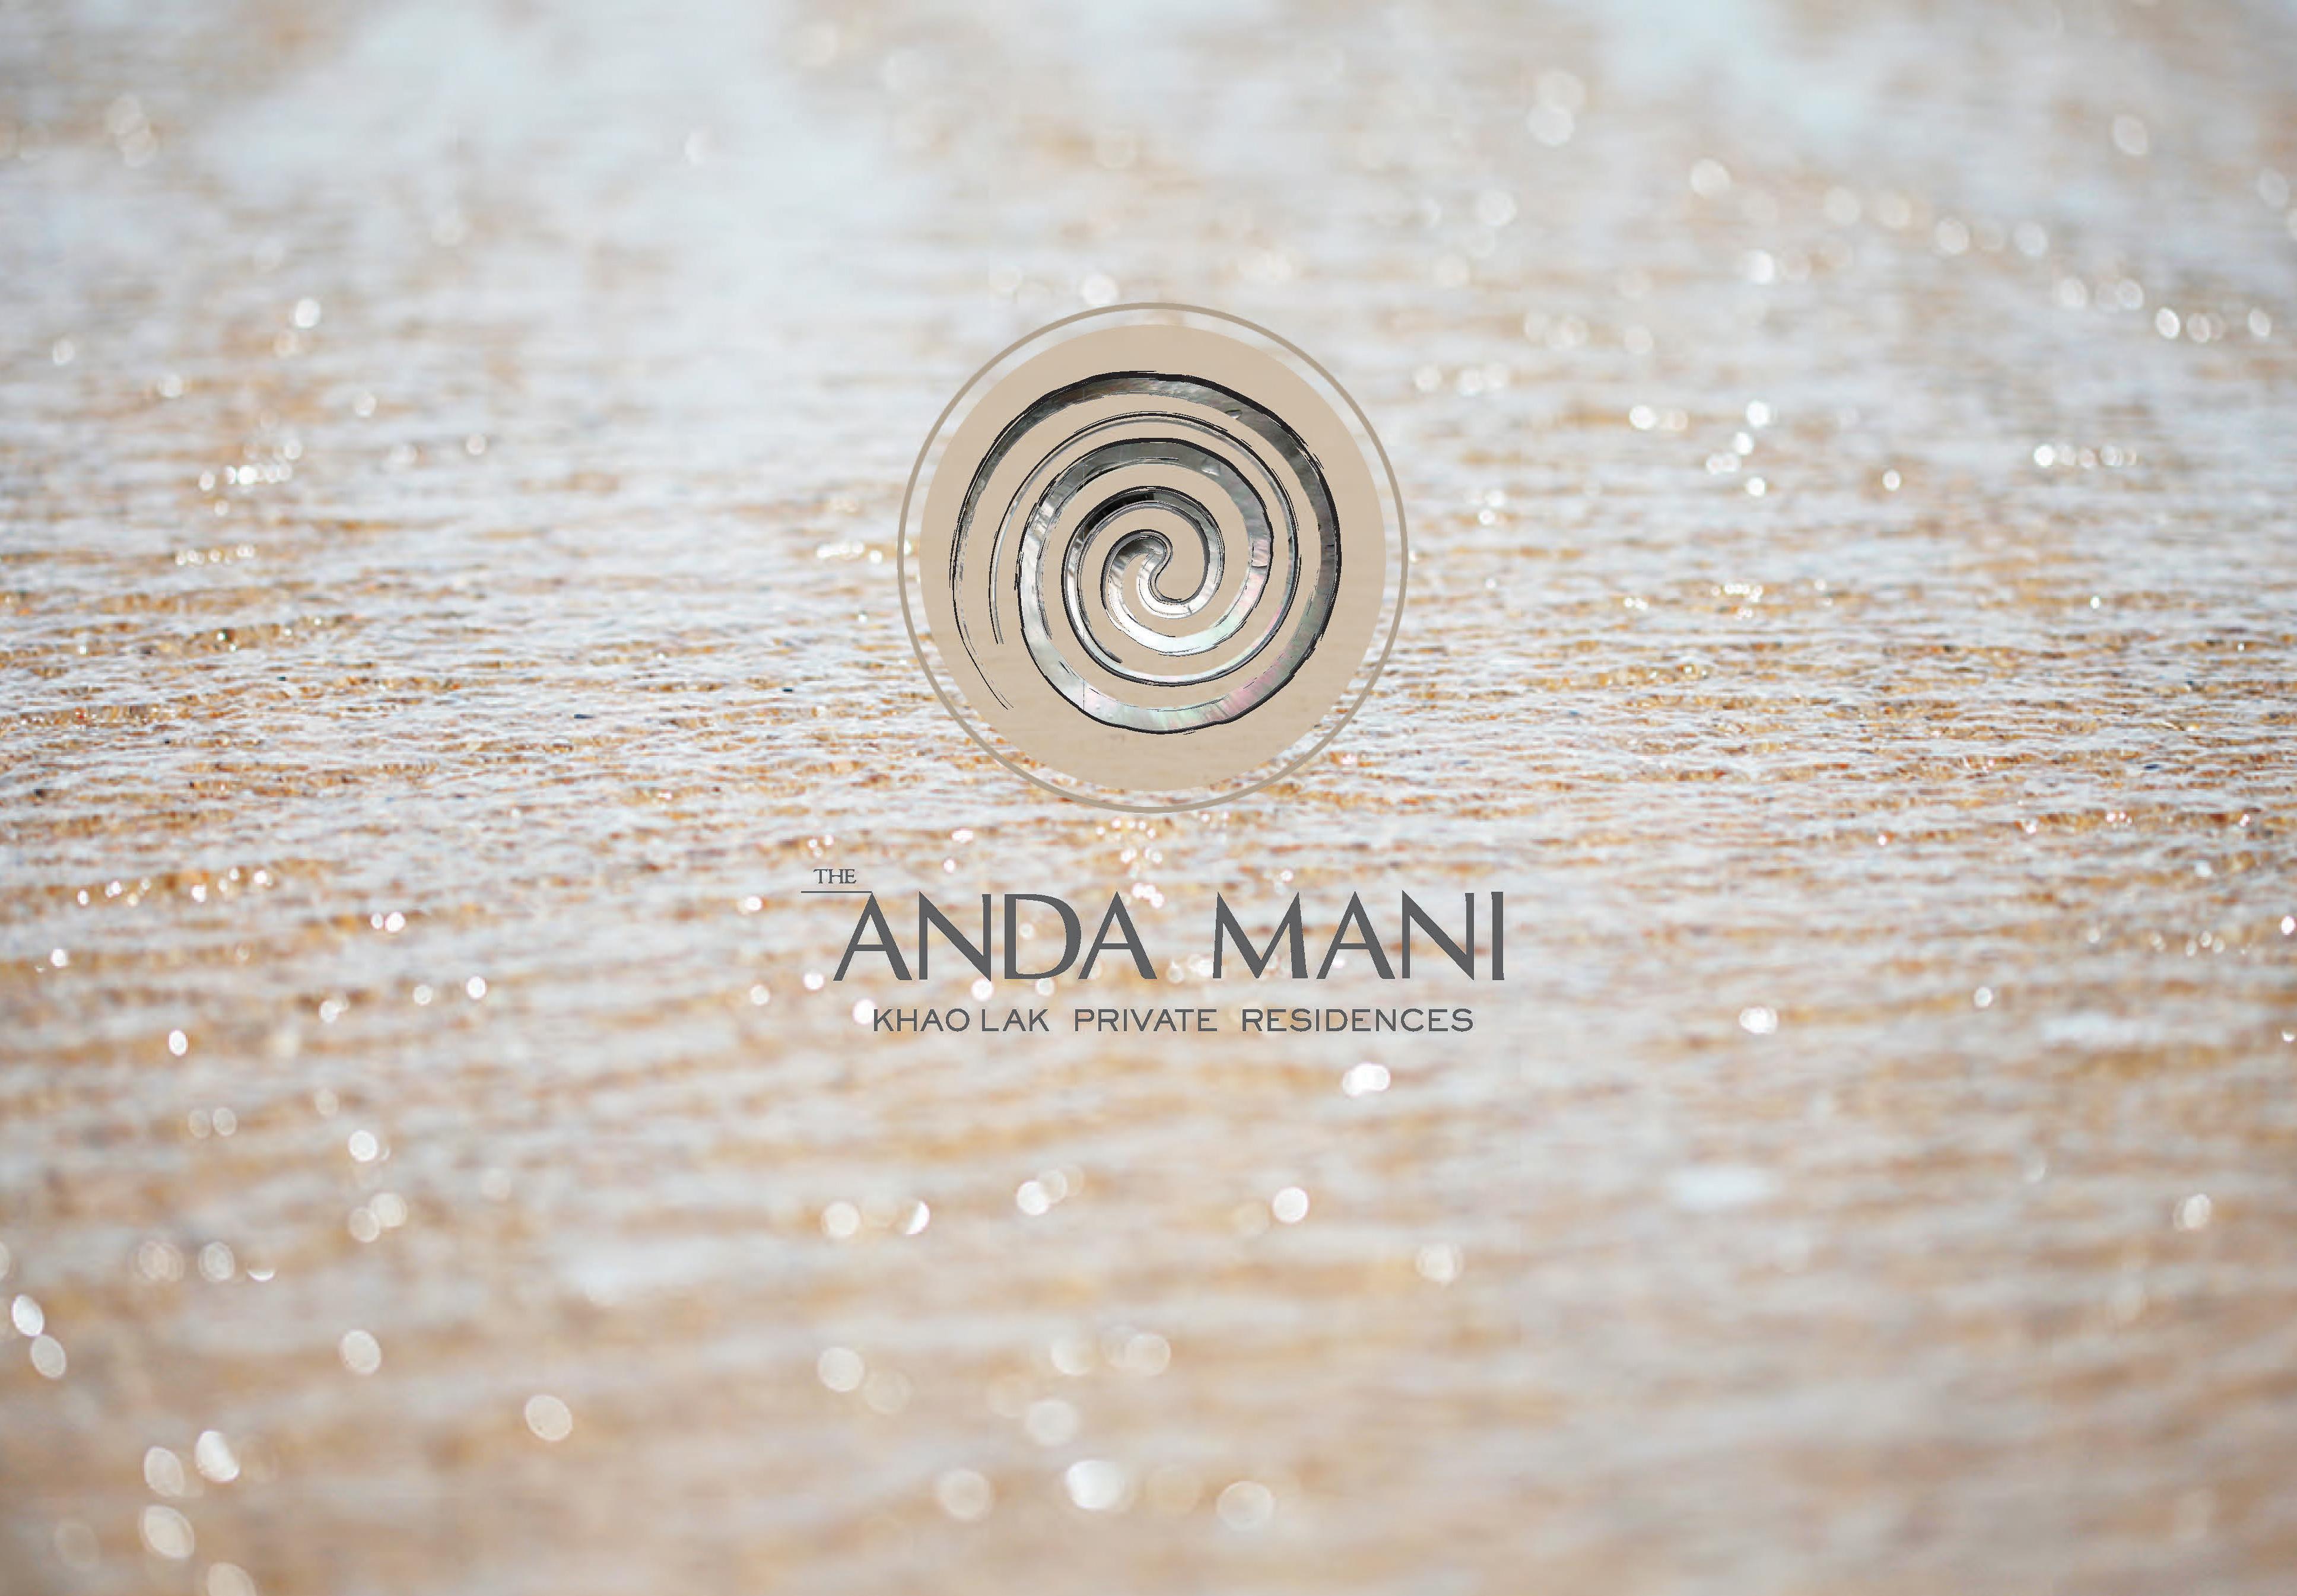 Anda Mani symbol